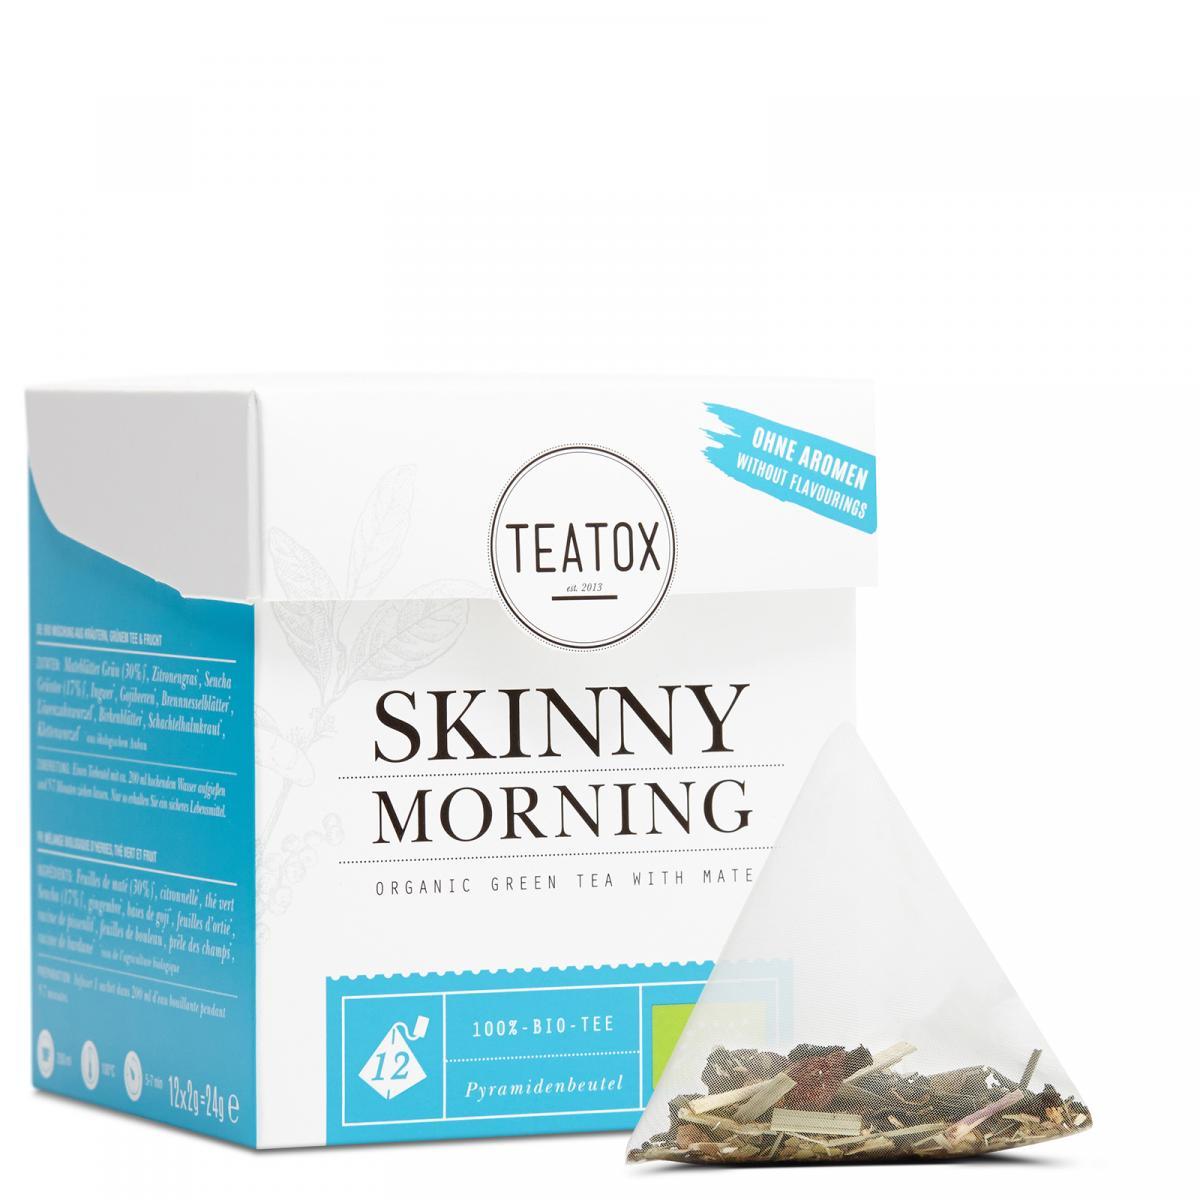 Skinny Morning 24g, filteres